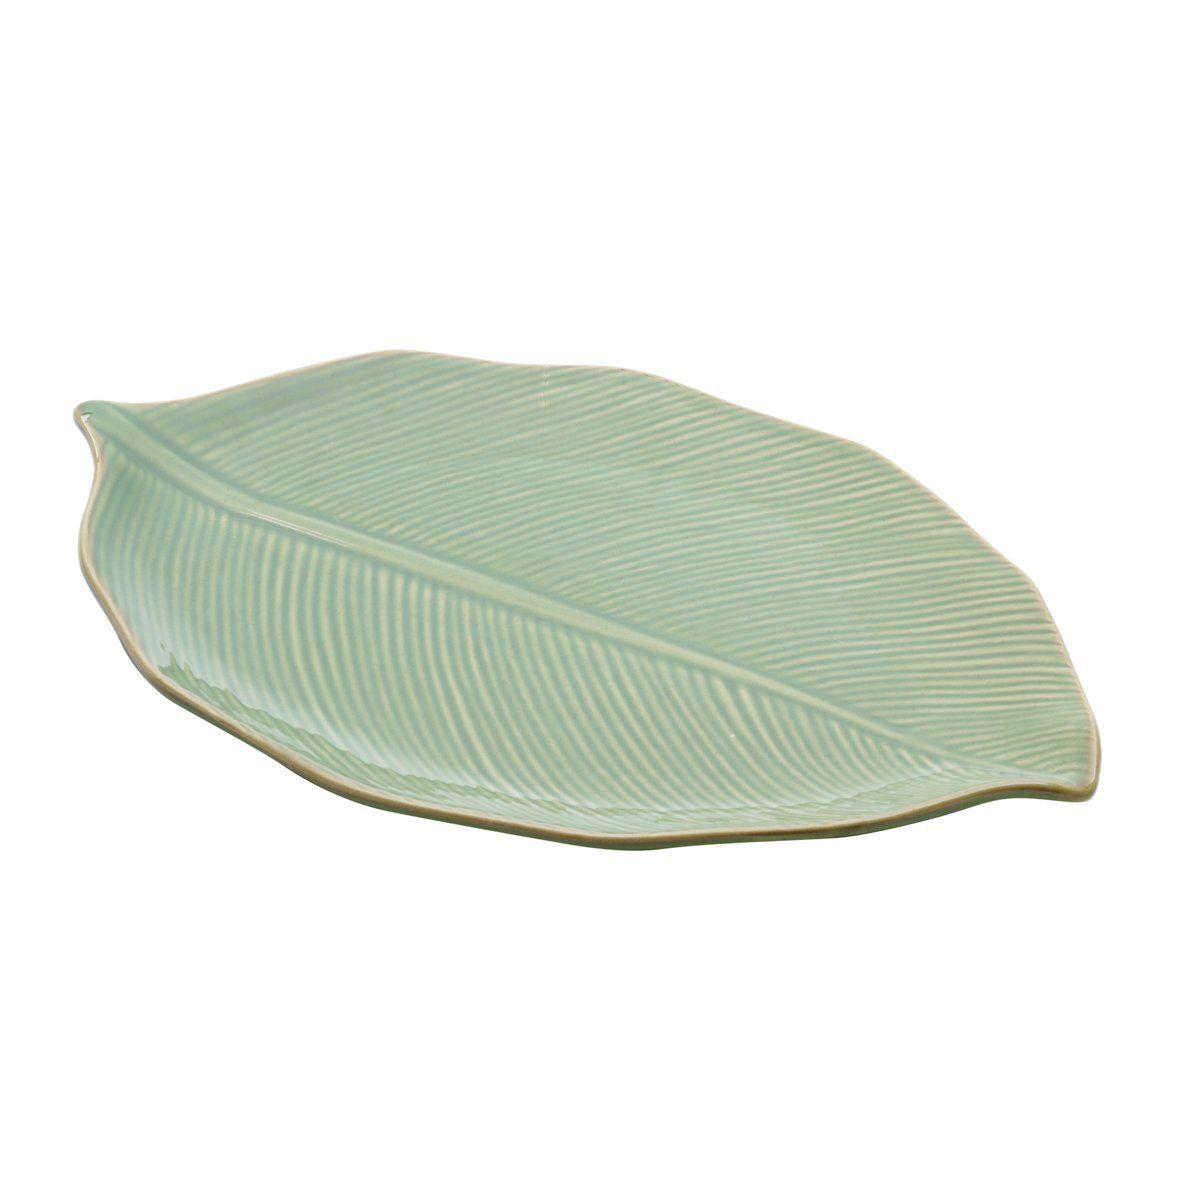 Folha decorativa 38 x 24 cm de cerâmica verde Banana Leaf Lyor - L4123